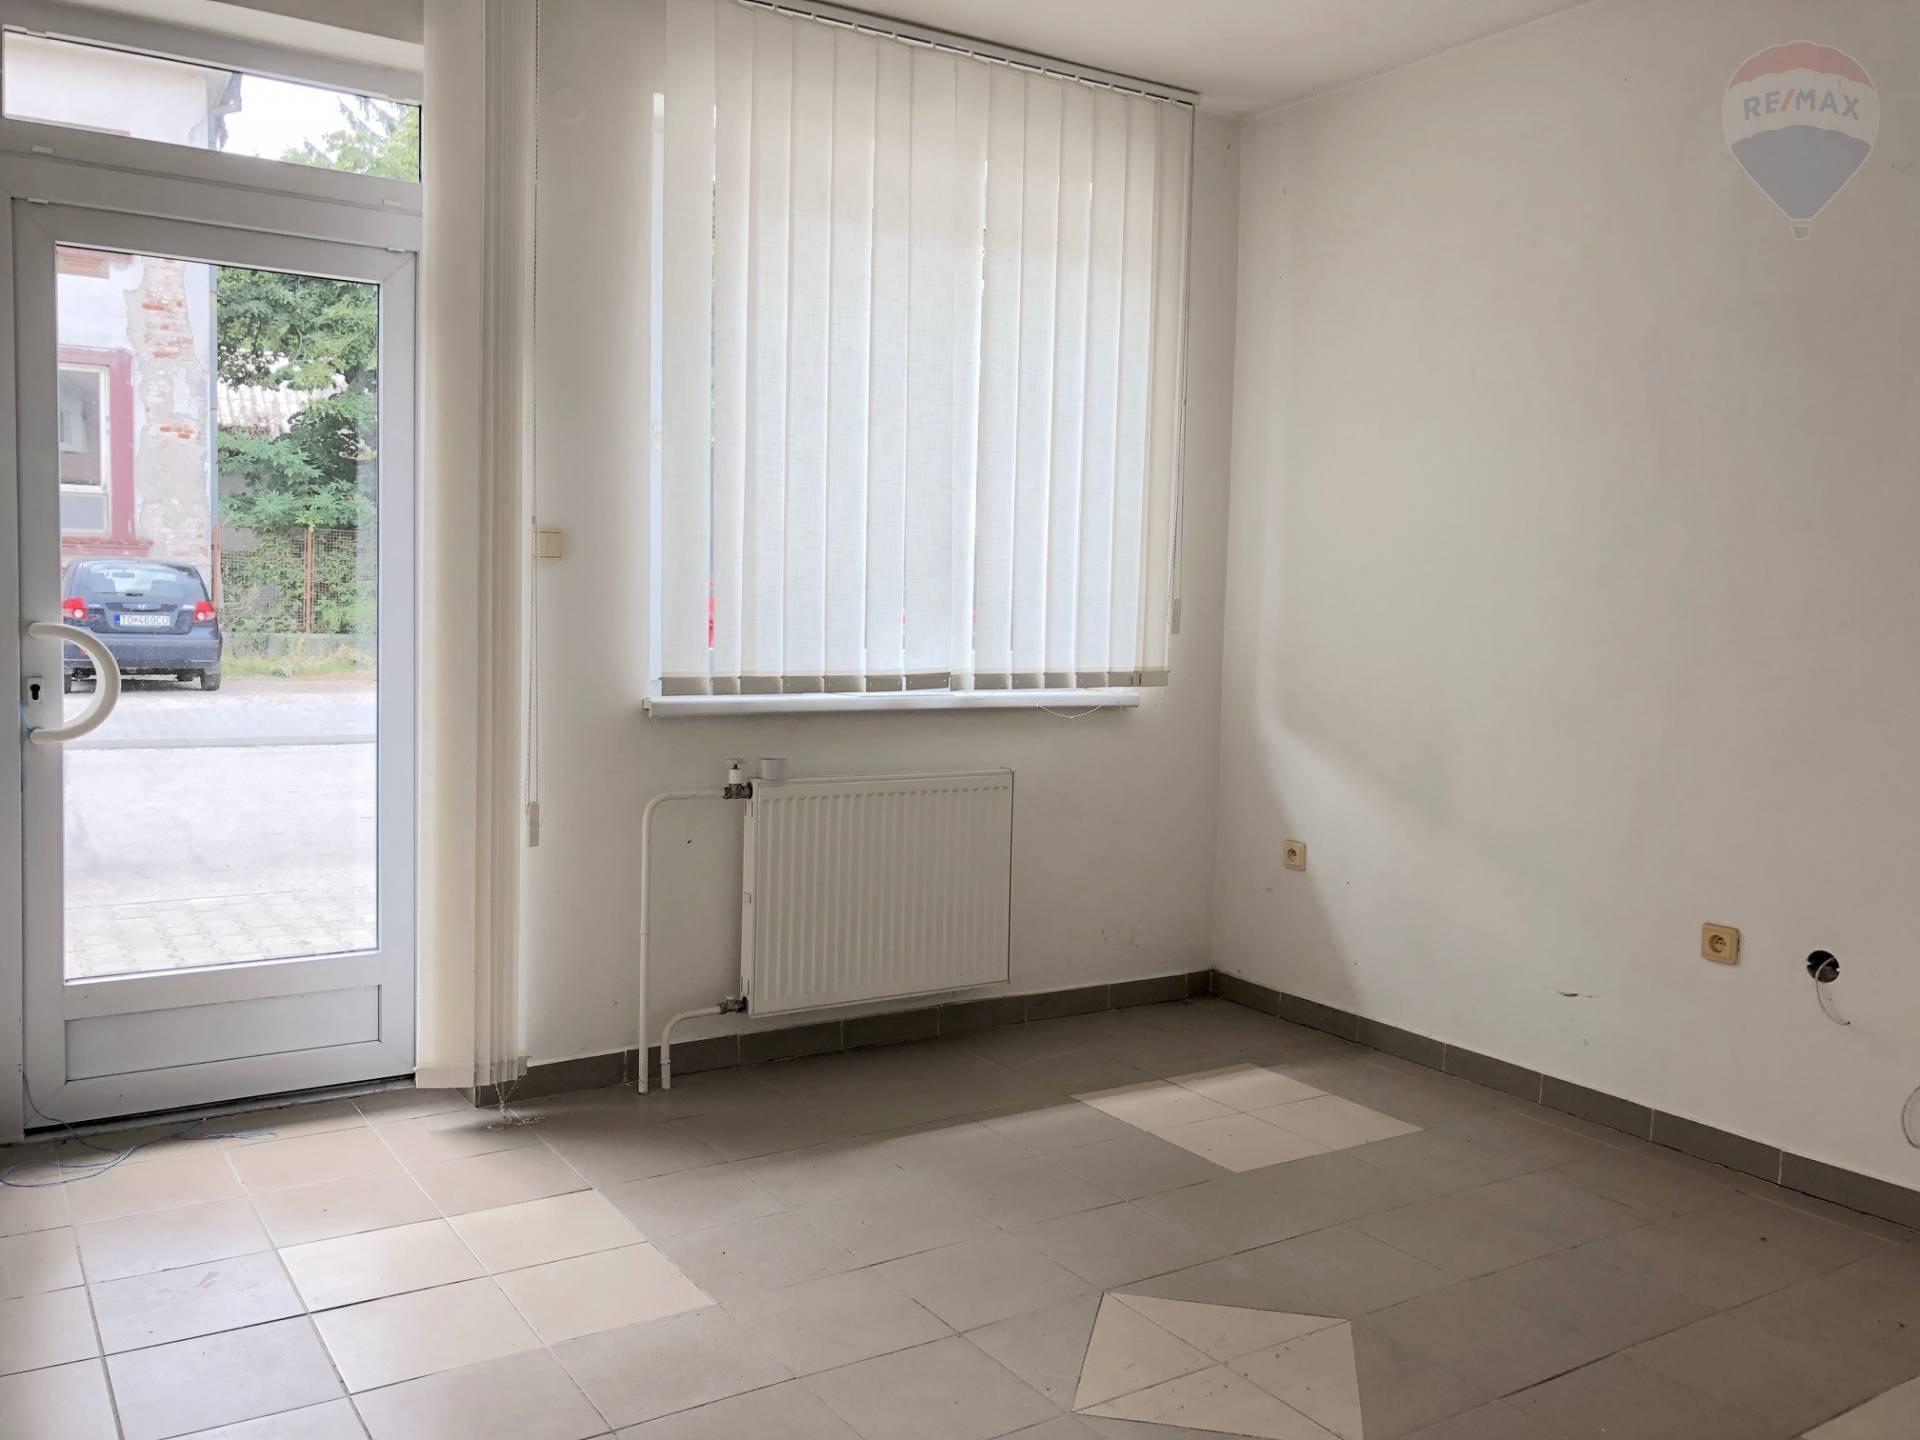 Predaj komerčného objektu 285 m2, Topoľčany -